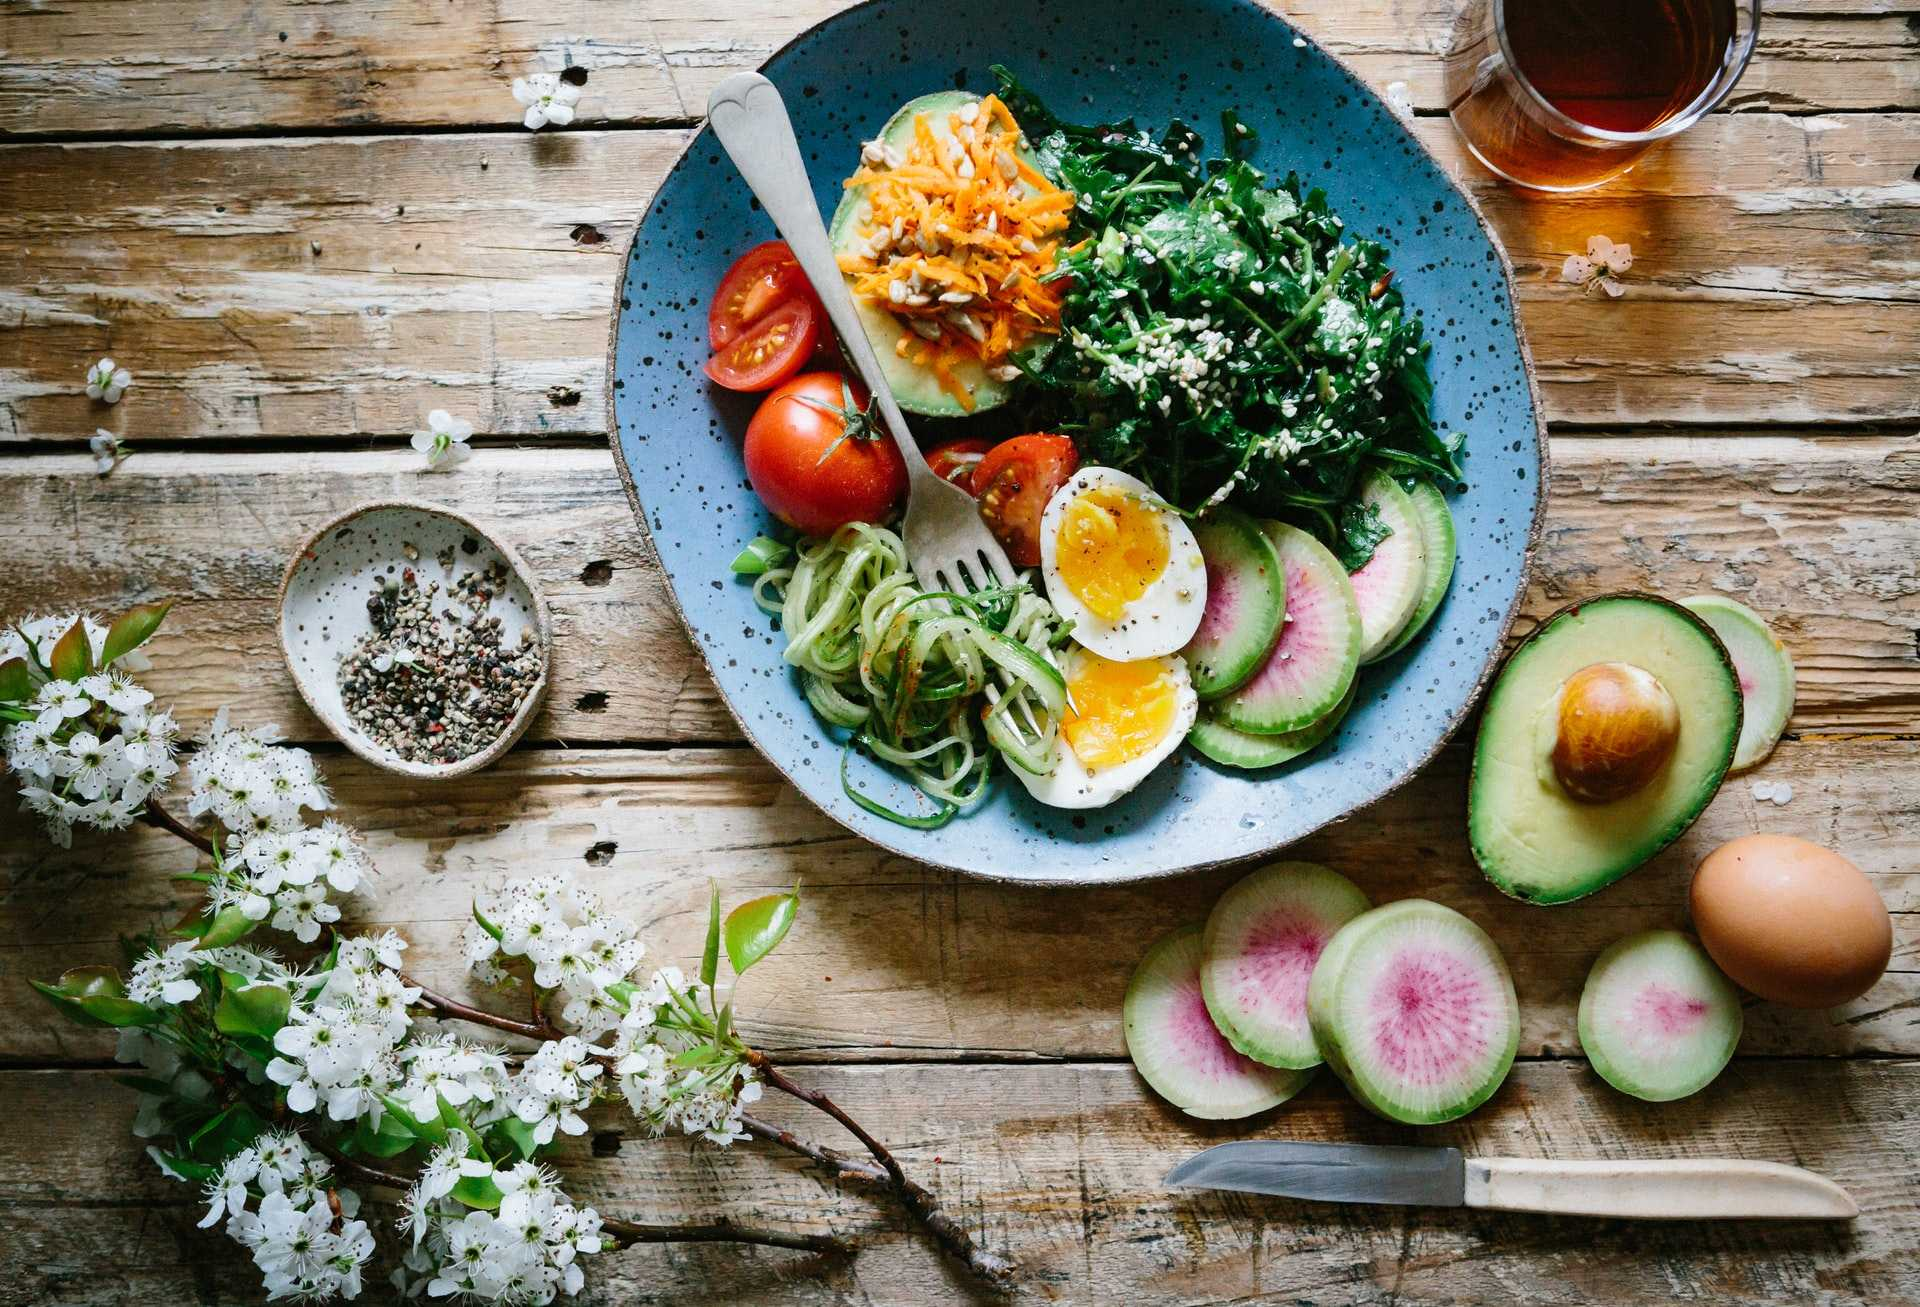 bird's eye view of vegetable platter